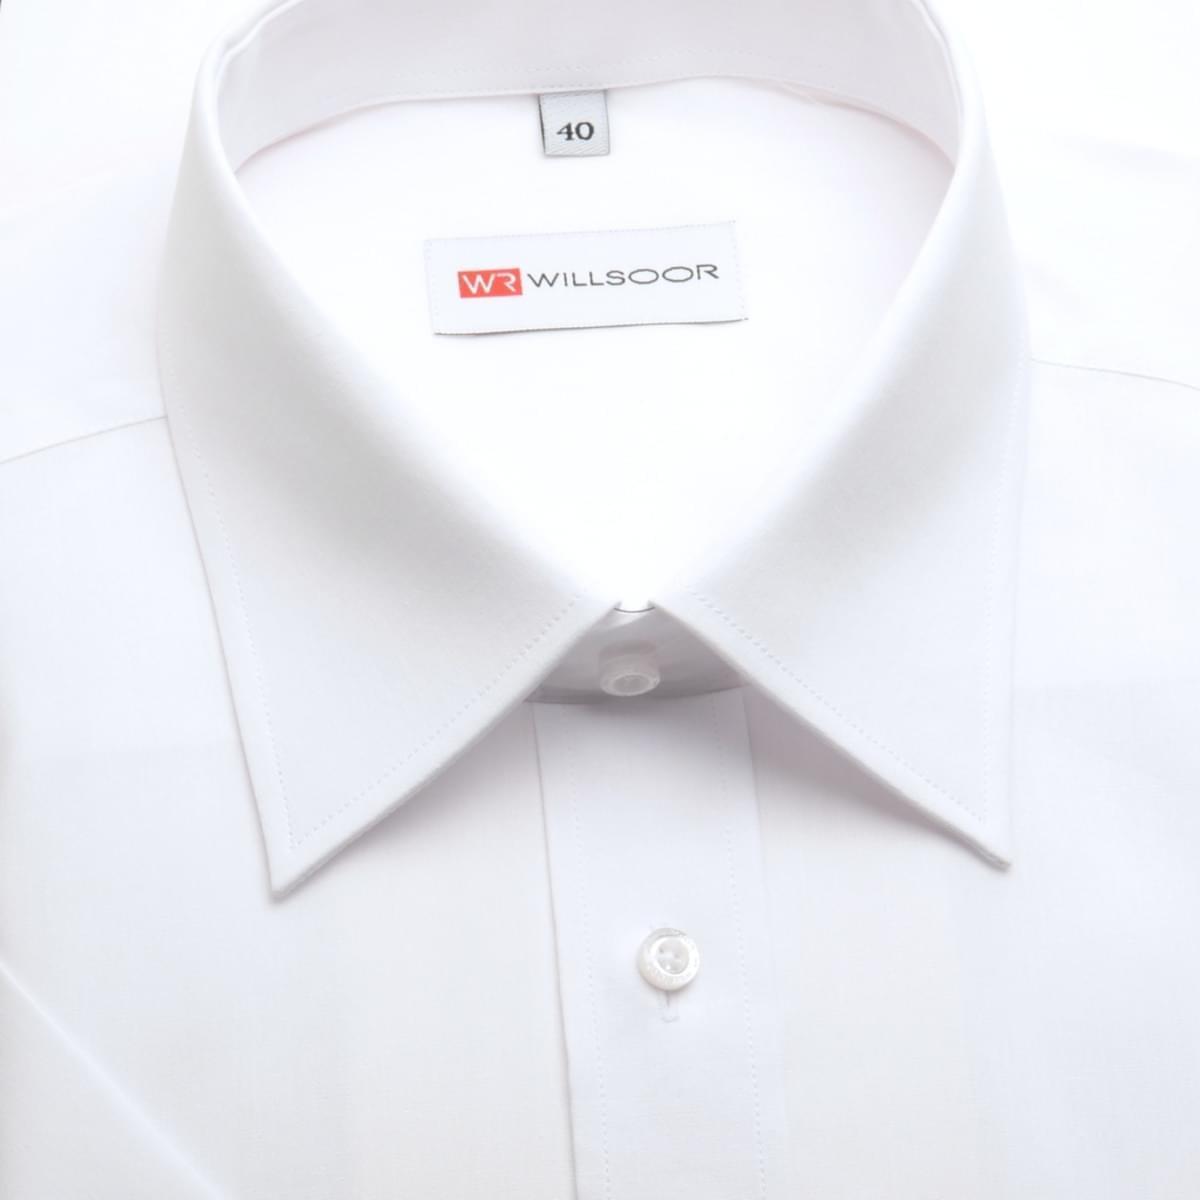 Willsoor Pánská košile WR Classic (výška 176-182) 1795 176-182 / 40